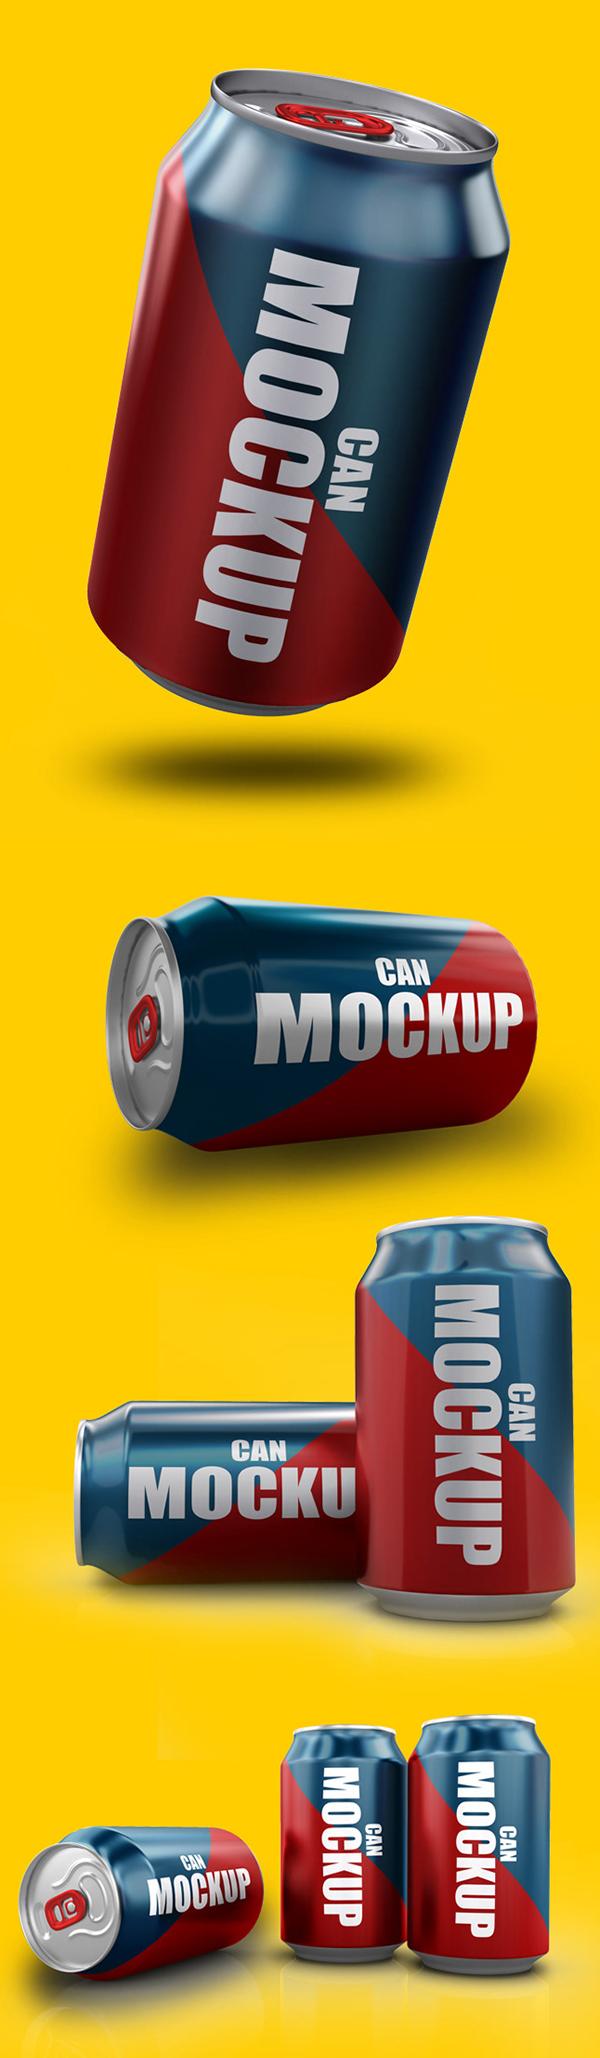 Free Soda Can PSD Mockup (7 PSD Files)